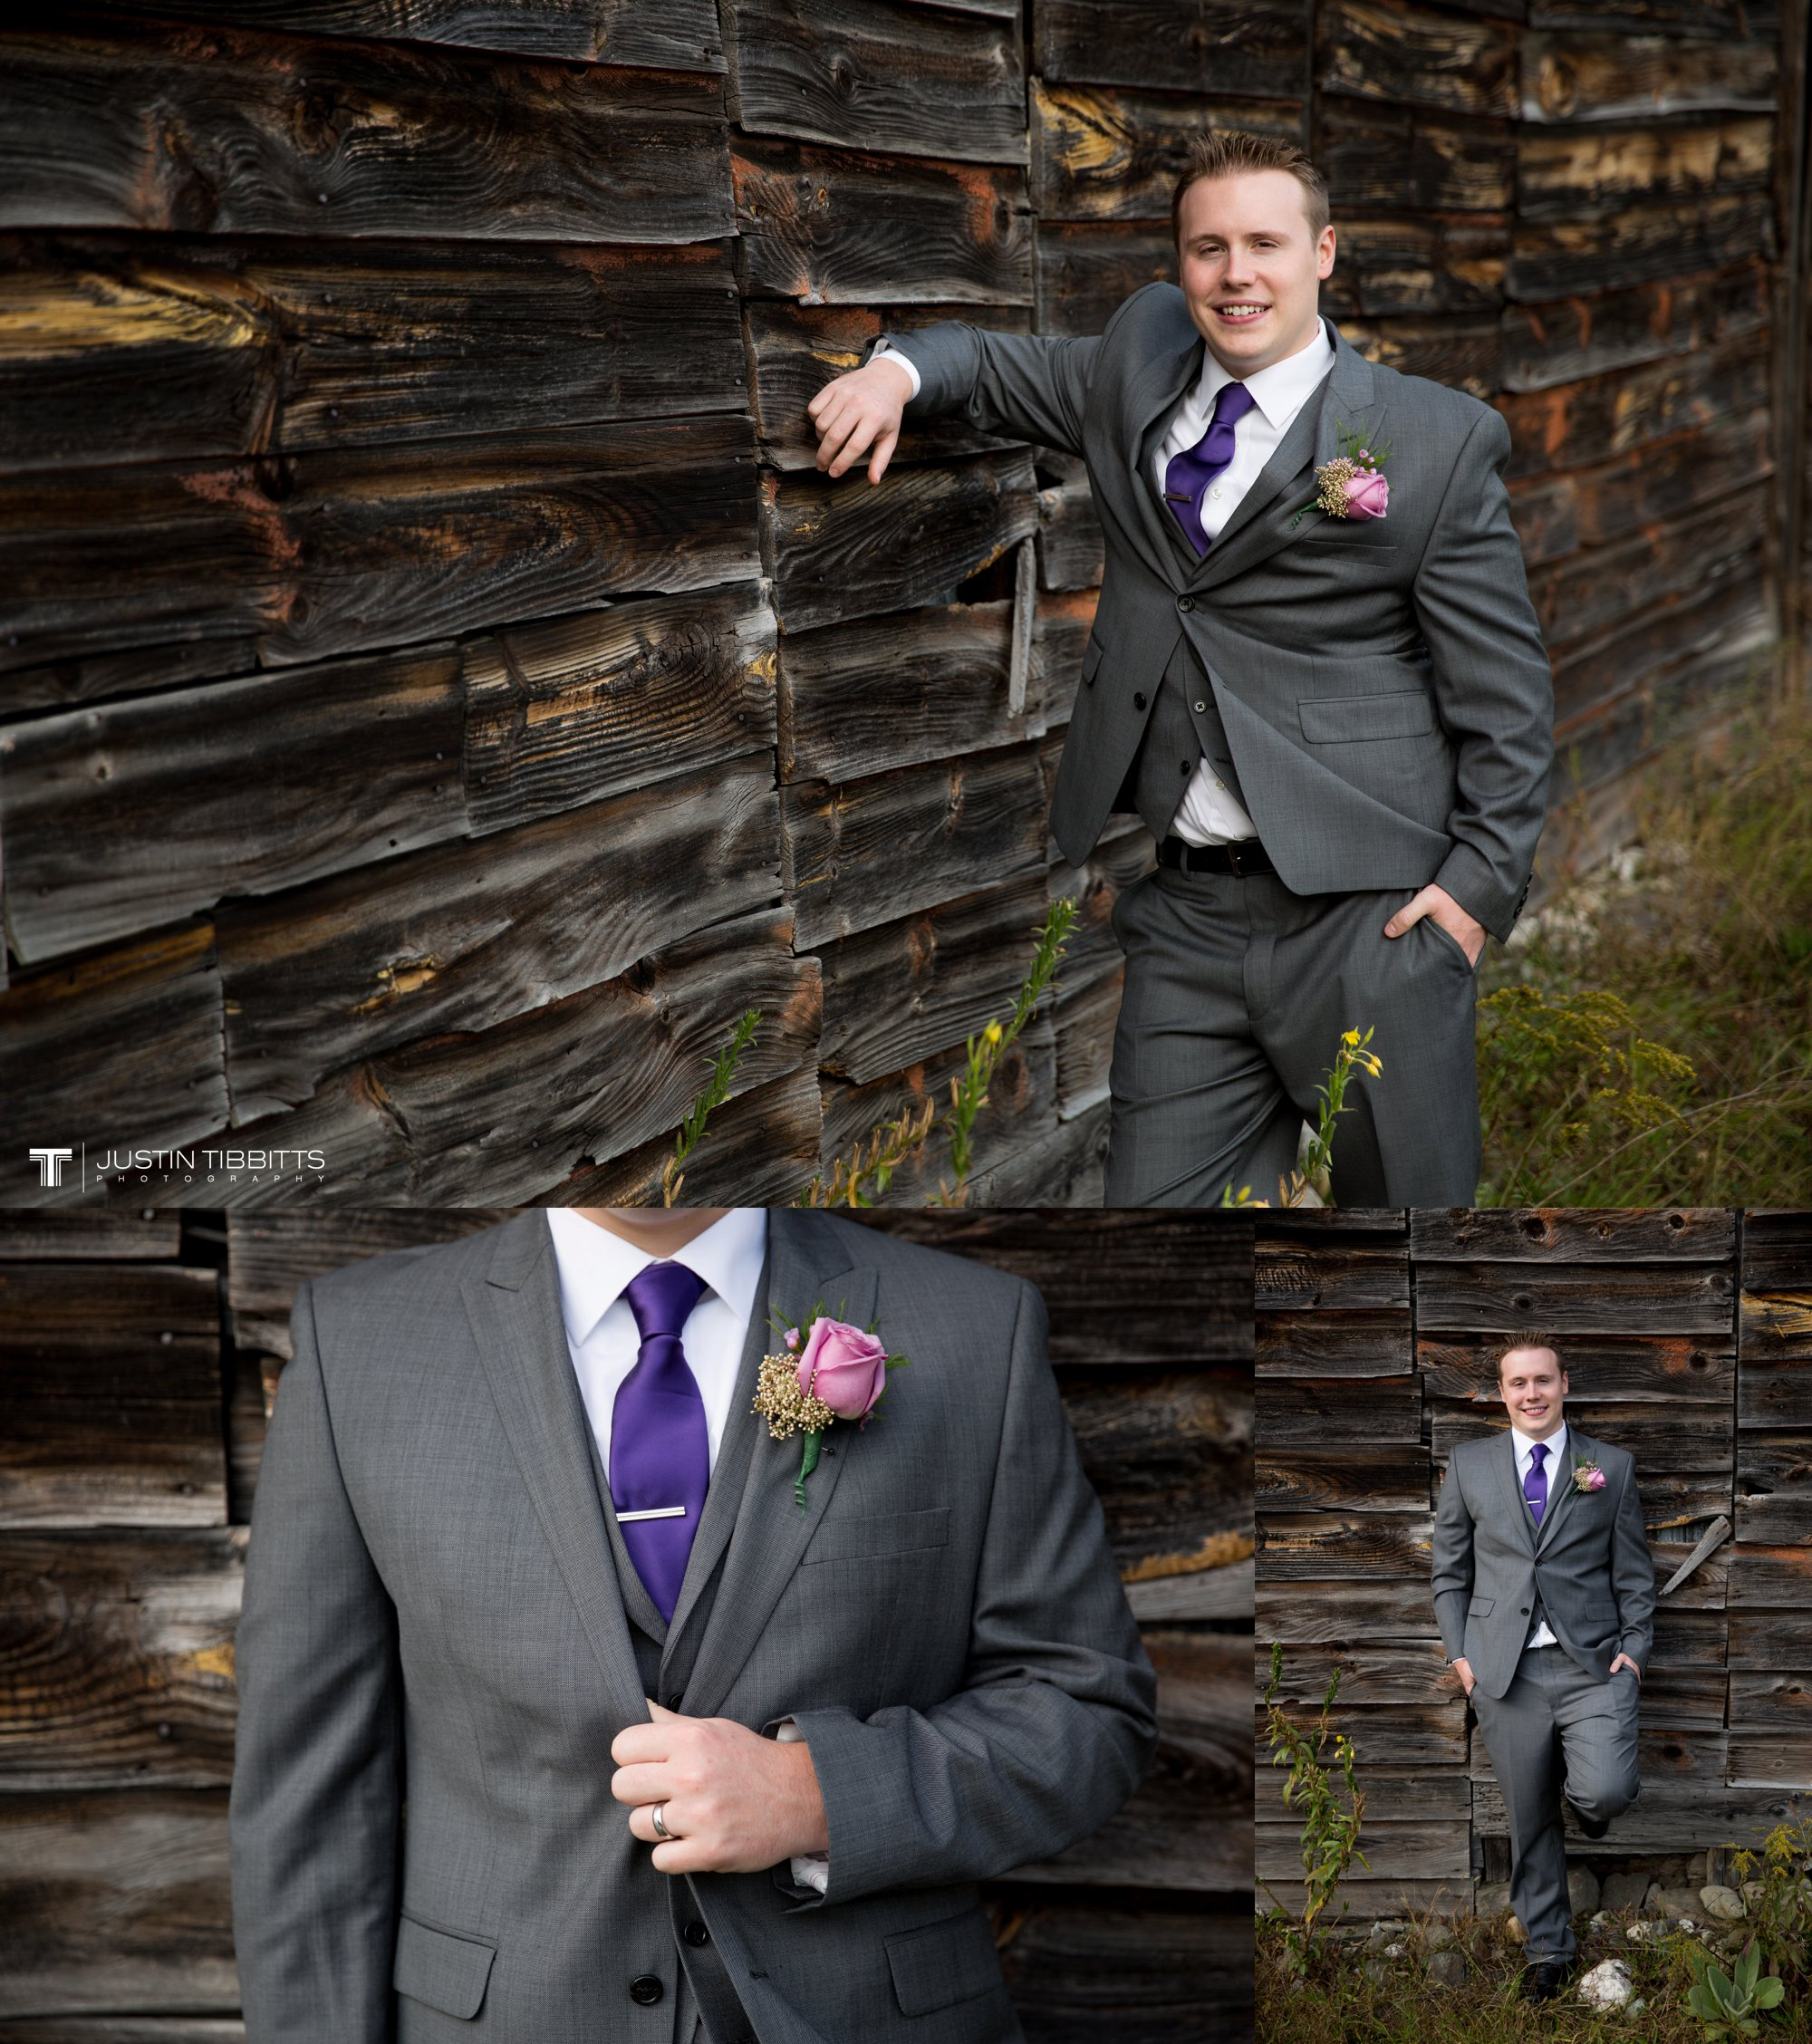 Albany NY Wedding Photographer Justin Tibbitts Photography 2014 Best of Albany NY Weddings-304151